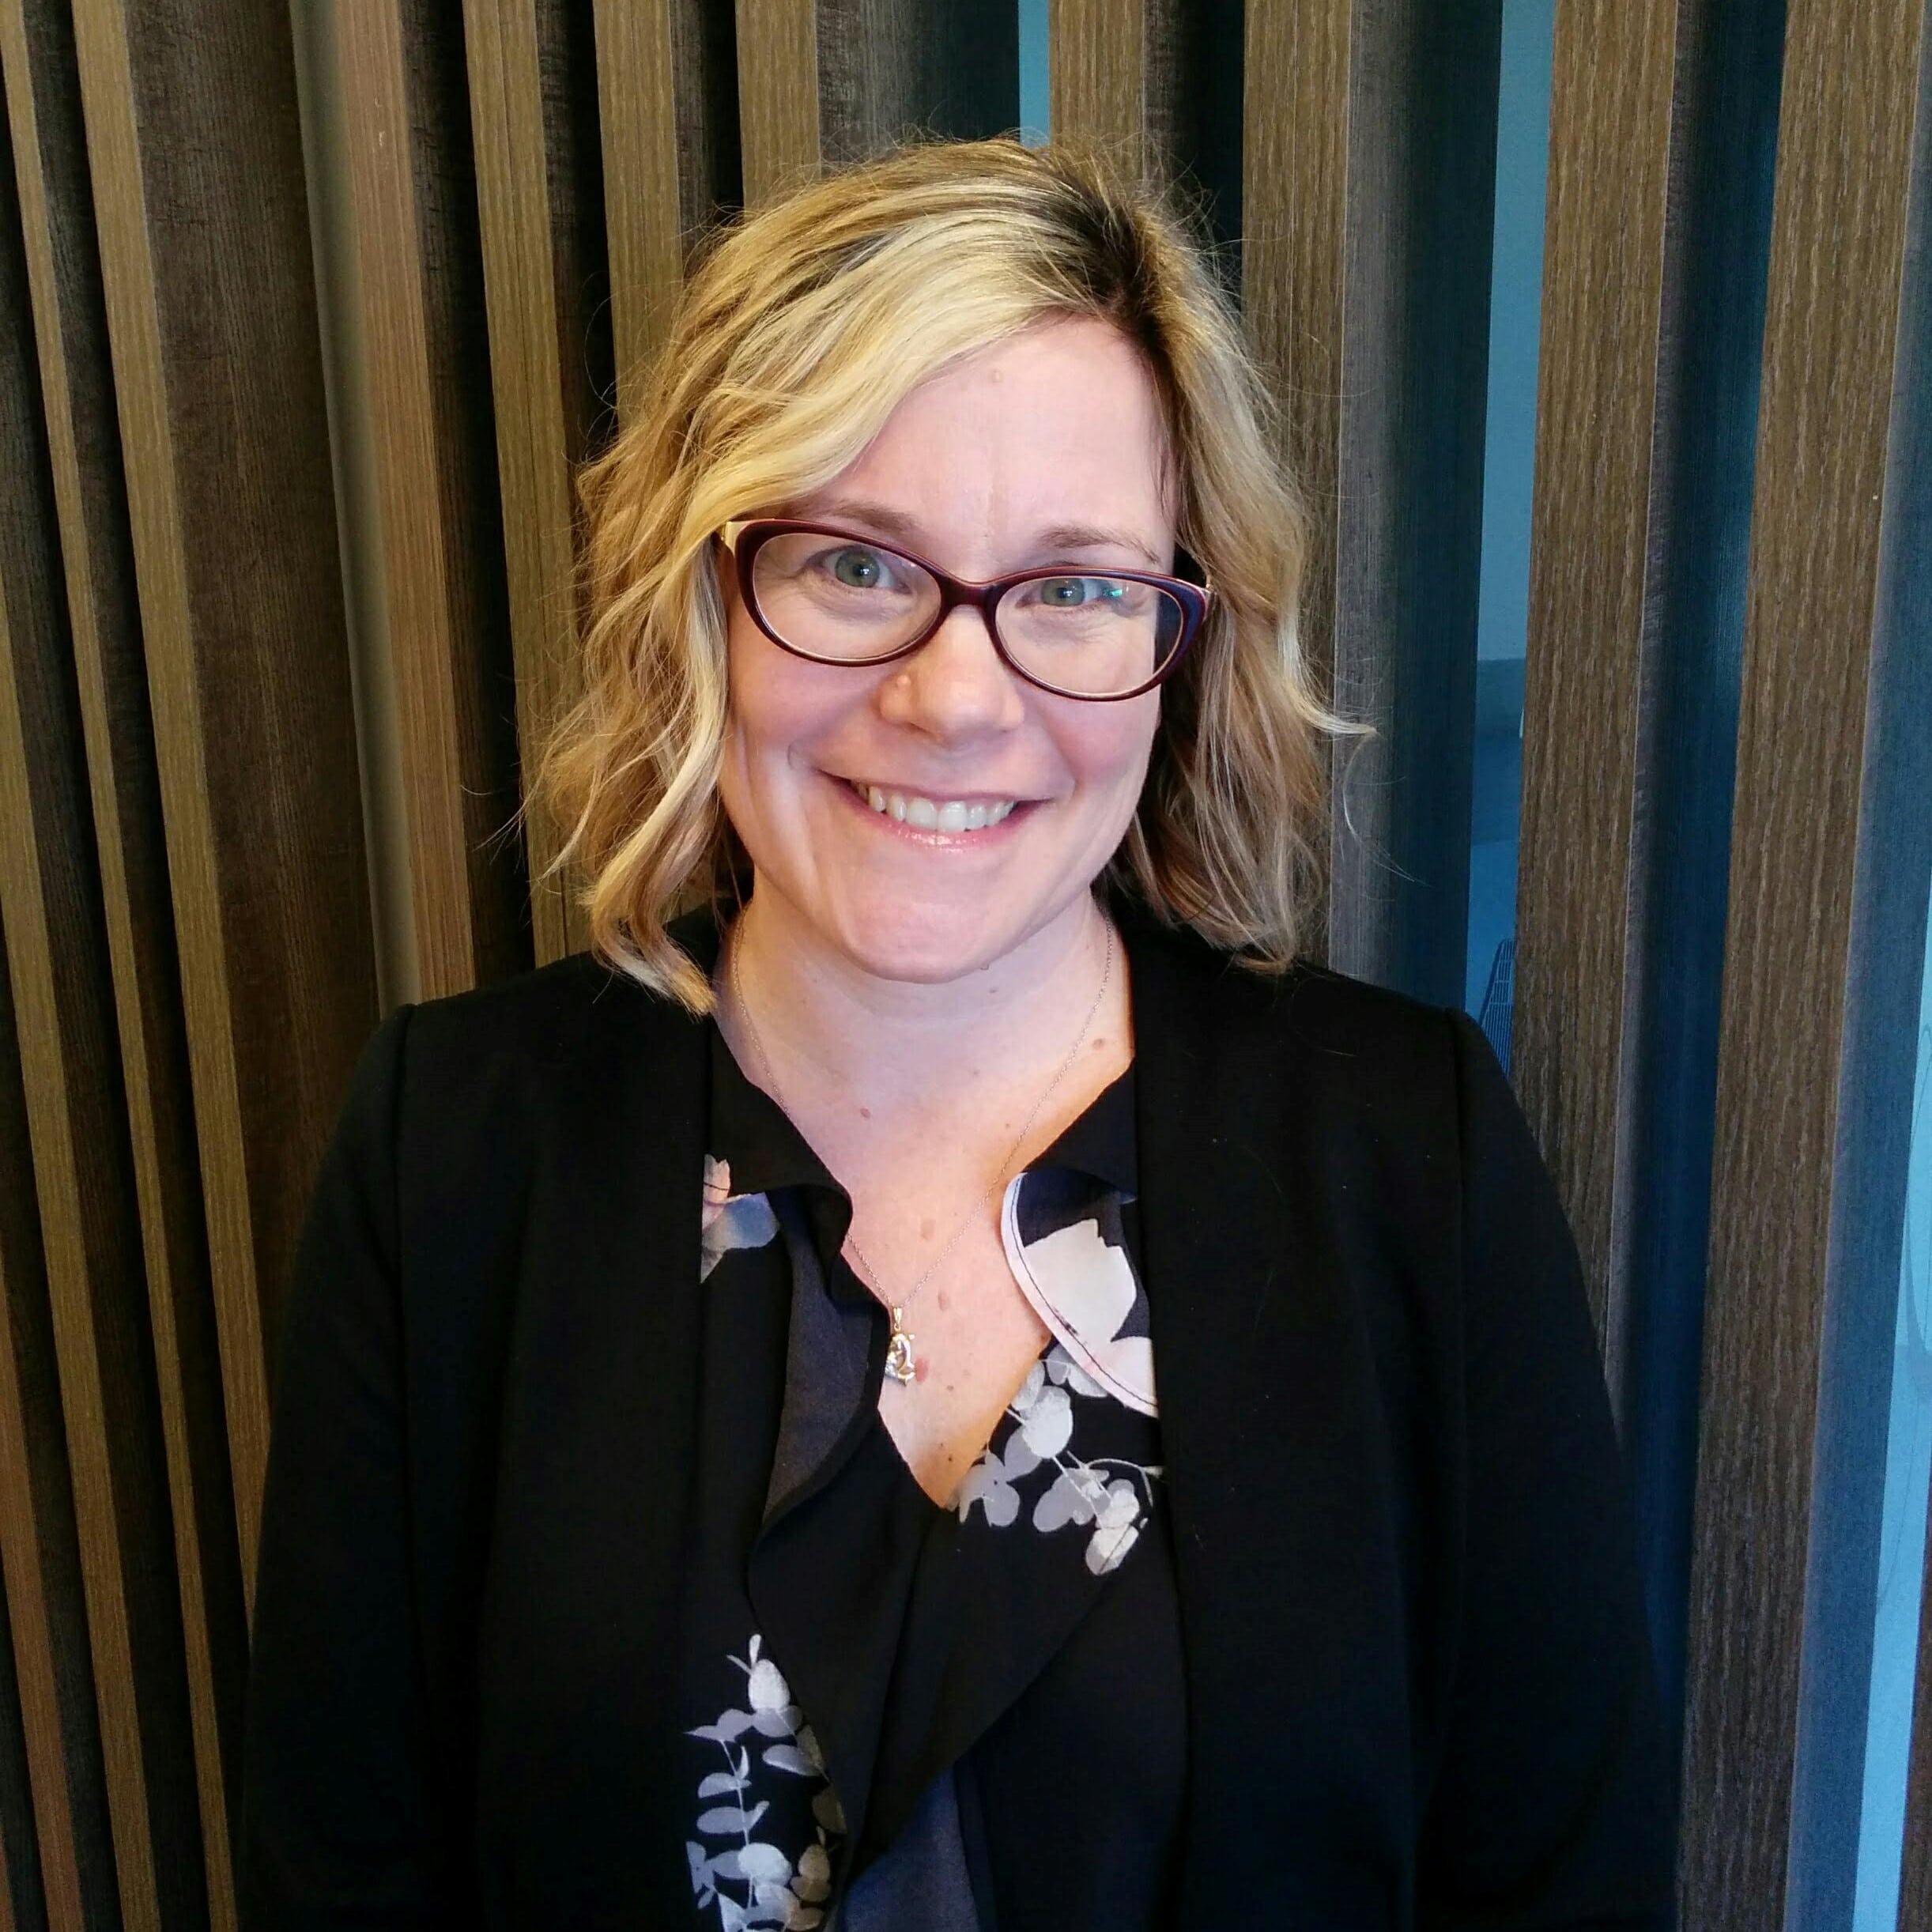 Karen Konecny-Brooks Placeholder